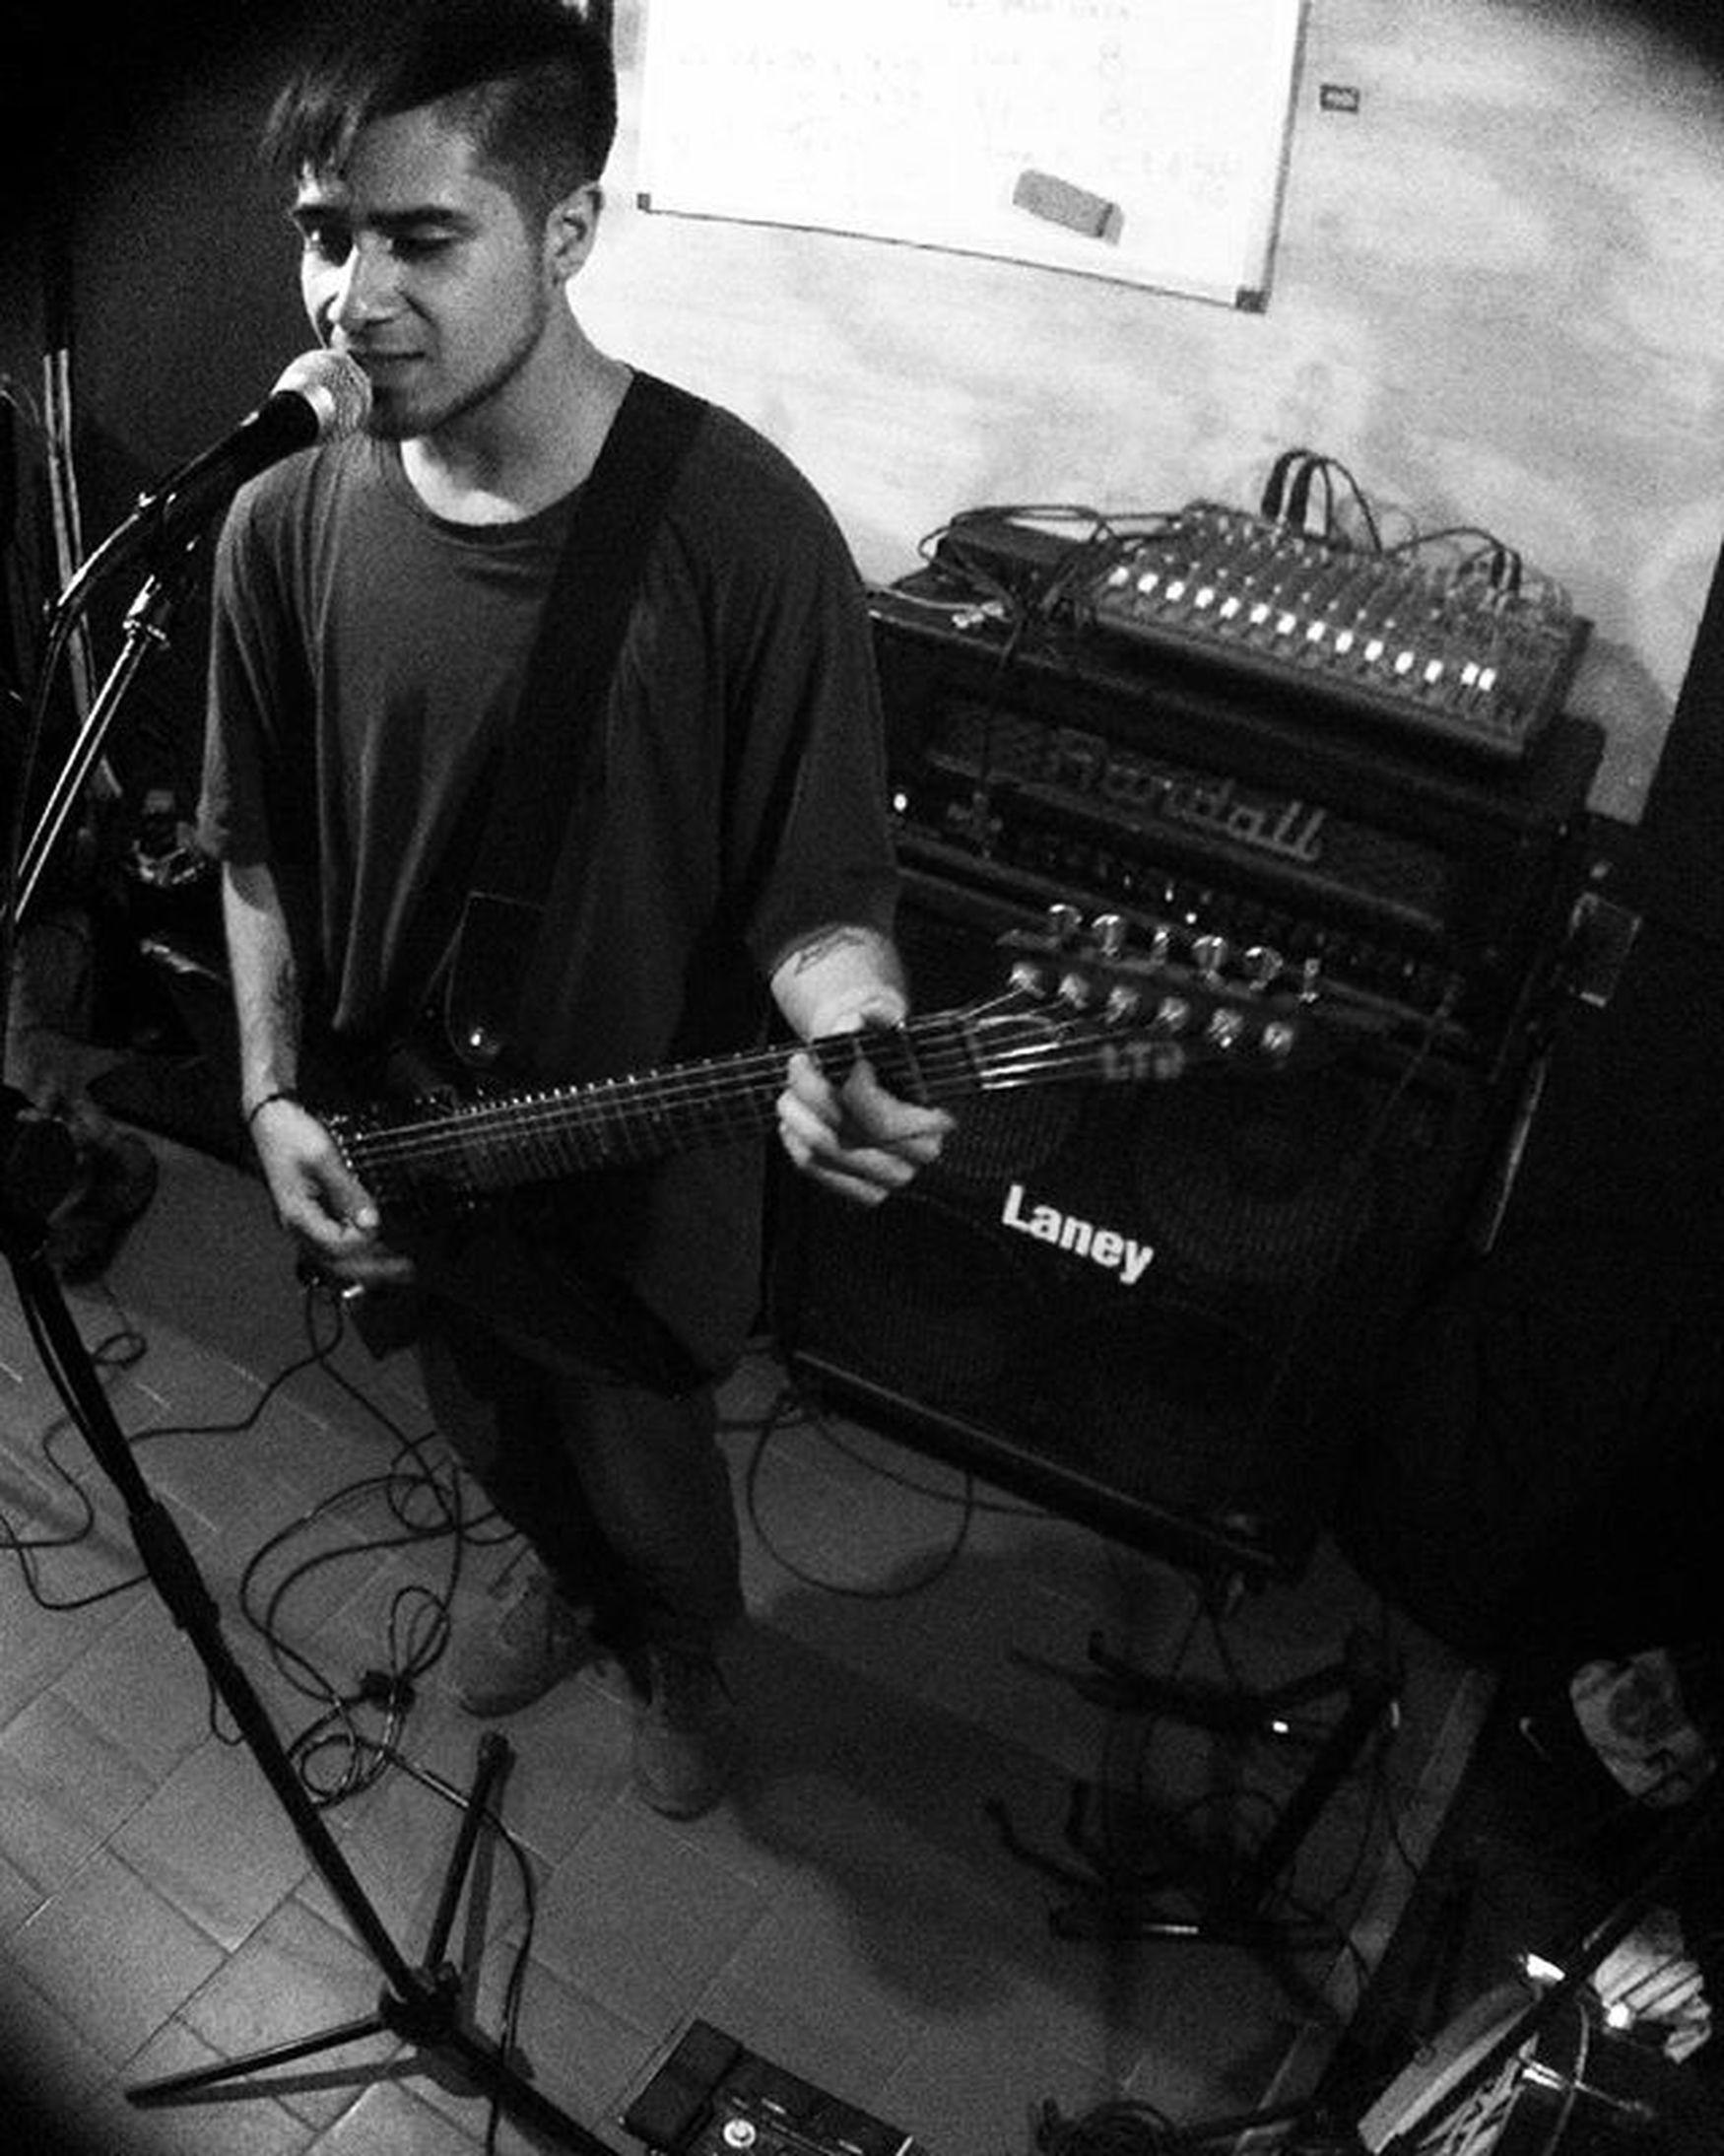 Extrañabamos tocar!! De nuestro ultimo ensayo. @noisband Nois Band Elquisco Algarrobo Elcanelo Sala Ensayo Rehearsal LTD ESP Ex50 Laney Randall KORG Guitar Instachile